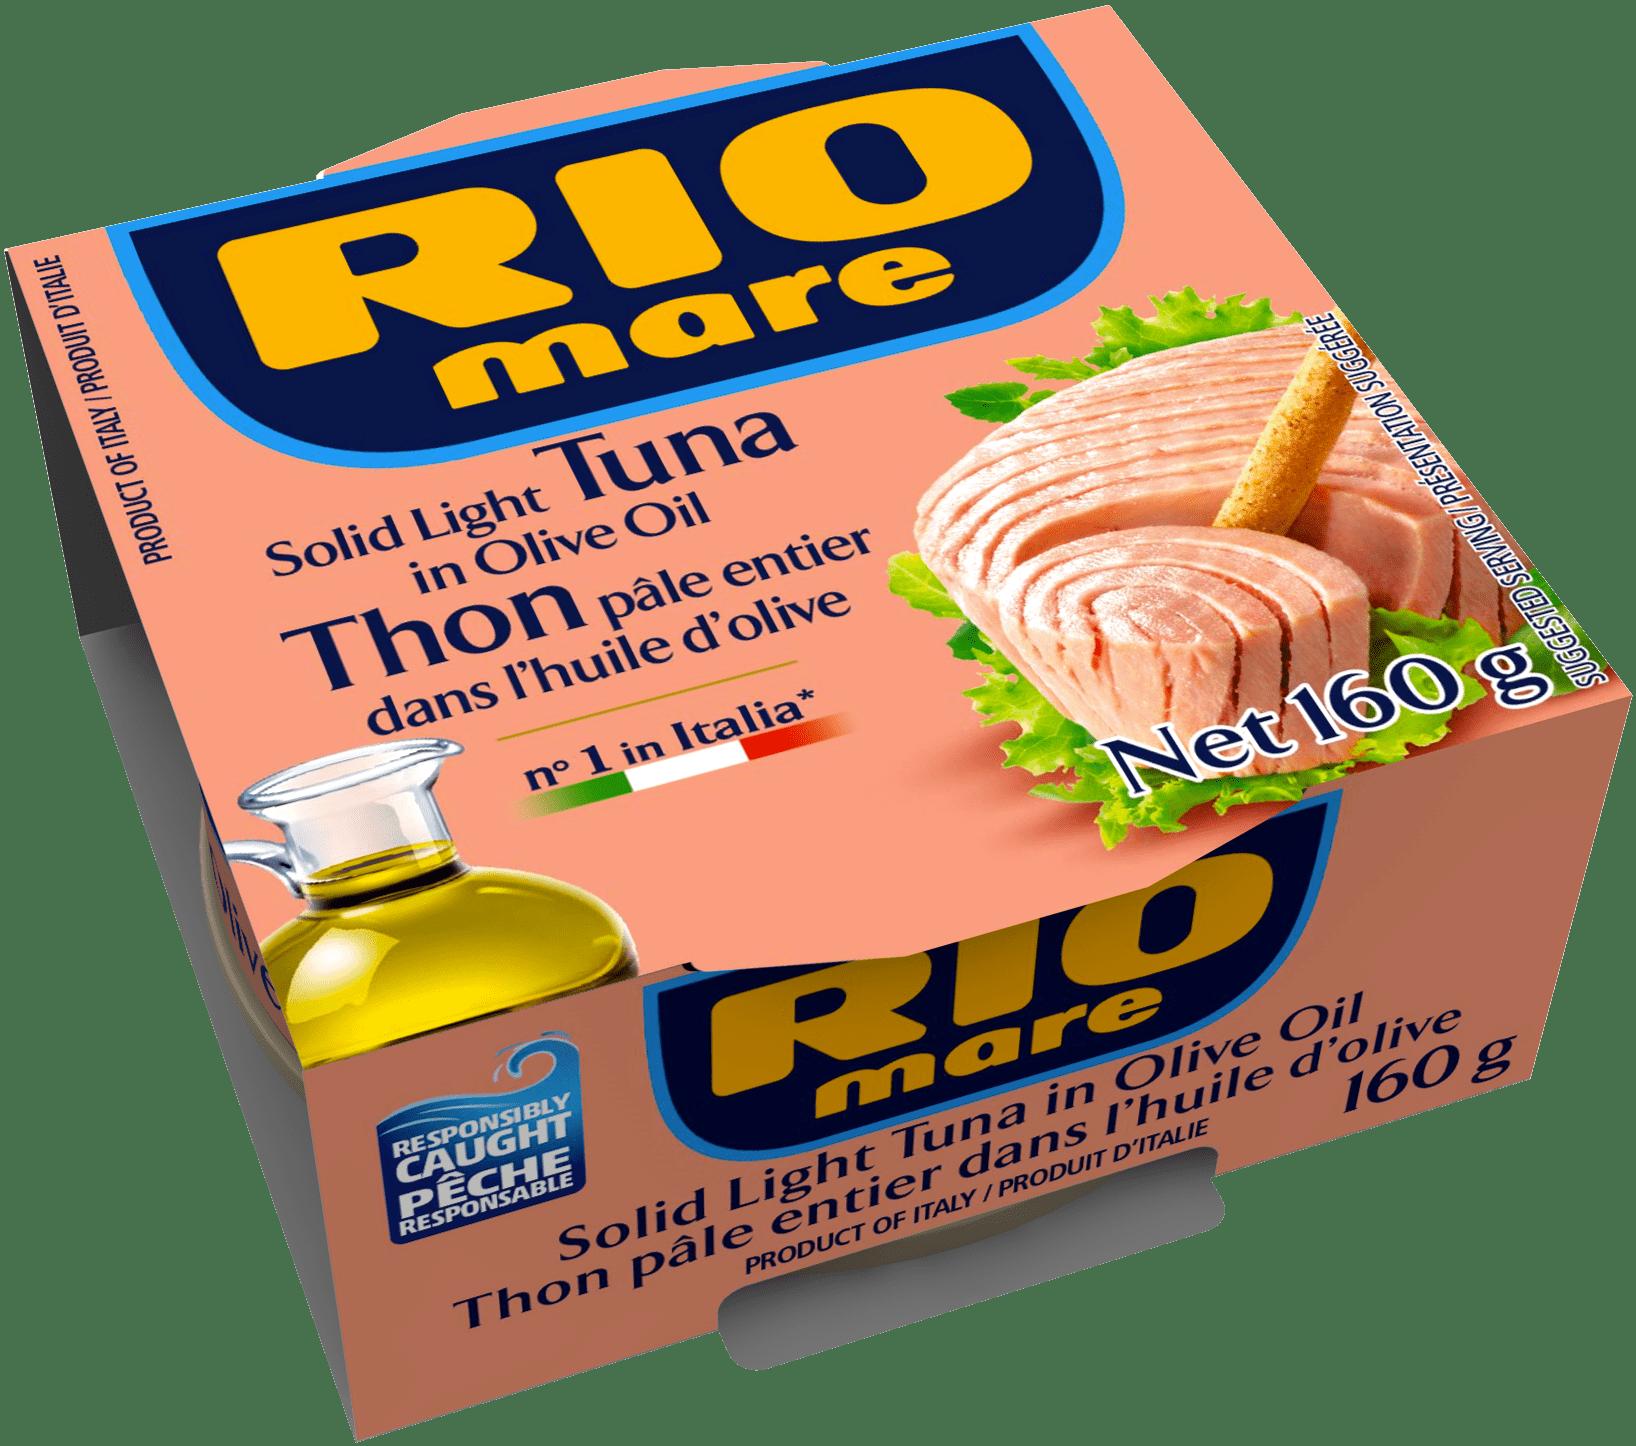 rio mare - Solid Light Tuna in Olive Oil